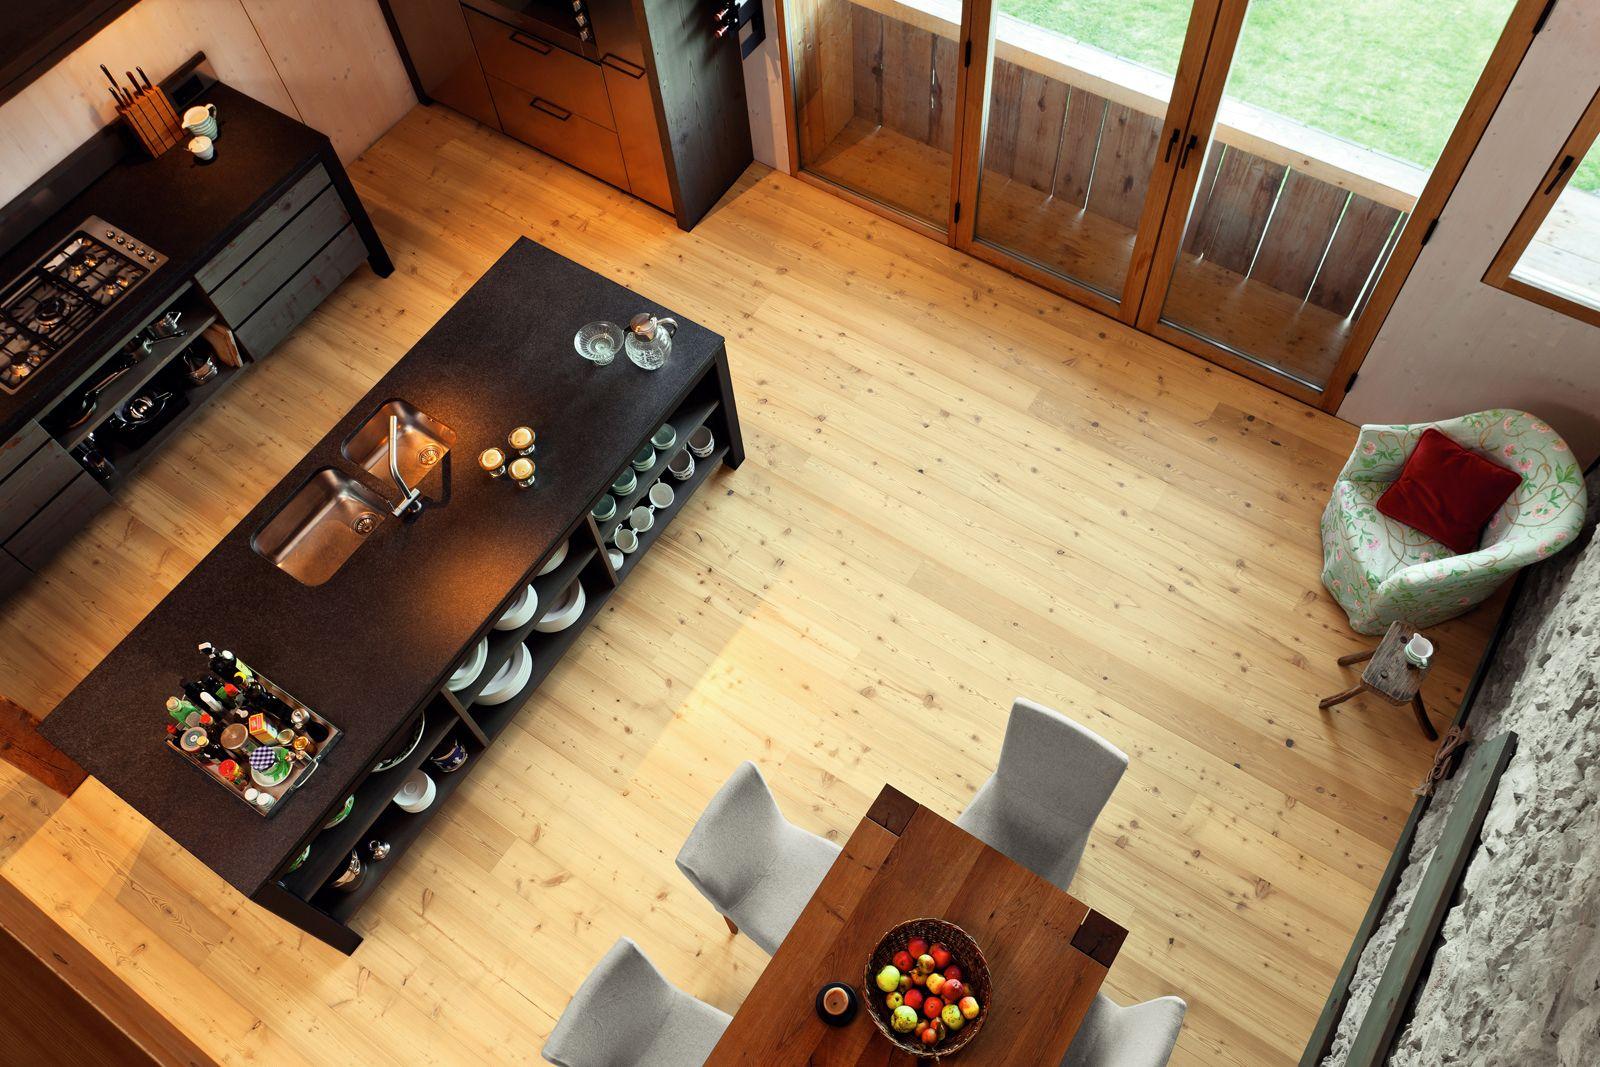 haro parkett landhausdiele 4000 l rche weiss sauvage strukturiert 4v fase natur ge lt haro. Black Bedroom Furniture Sets. Home Design Ideas